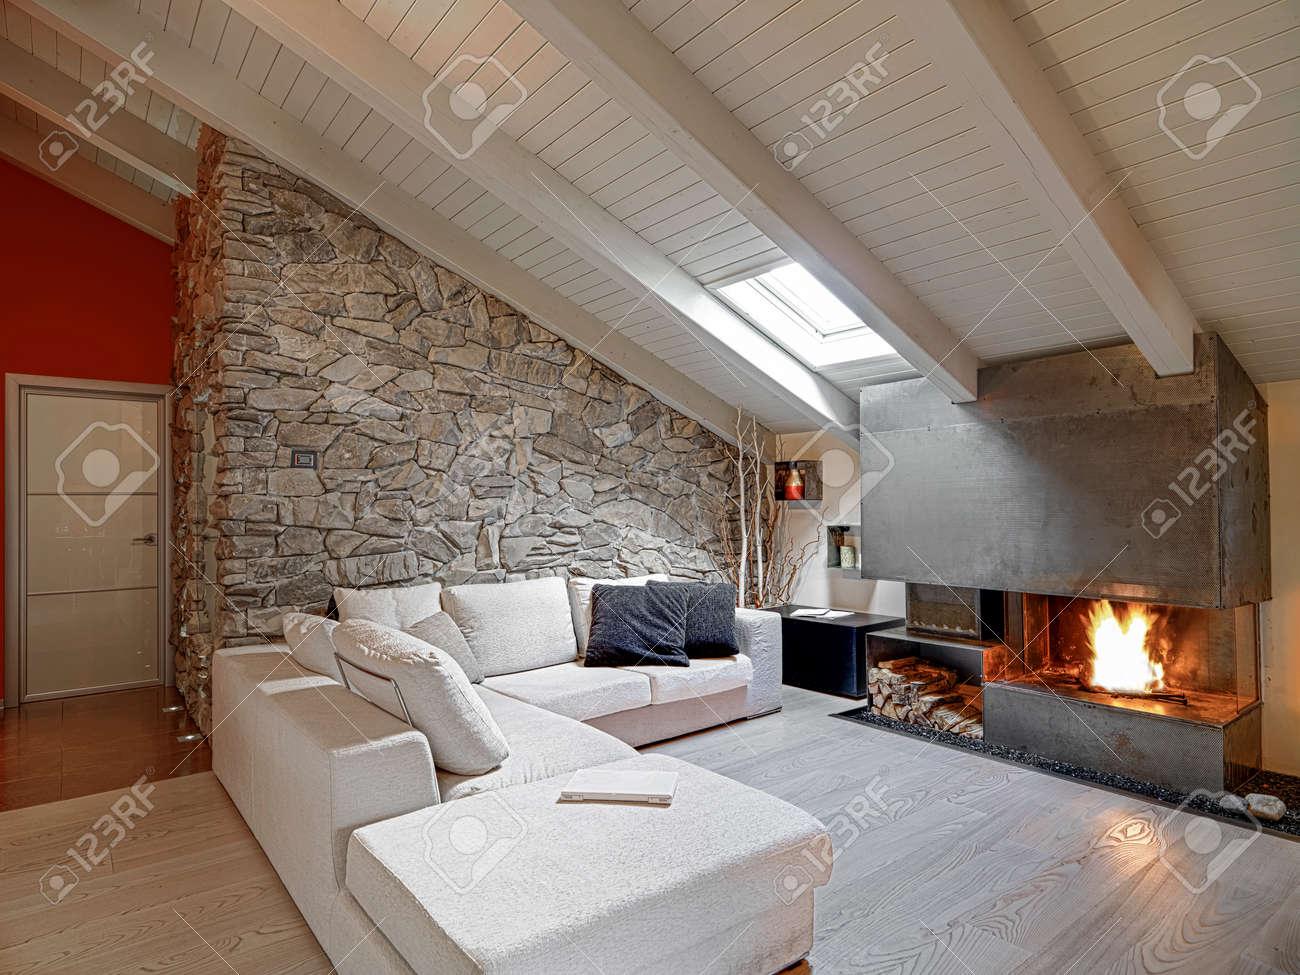 Modernes Wohnzimmer Mit Kamin Im Dachgeschoss Und Mit Holzfußboden  Lizenzfreie Bilder   53055469